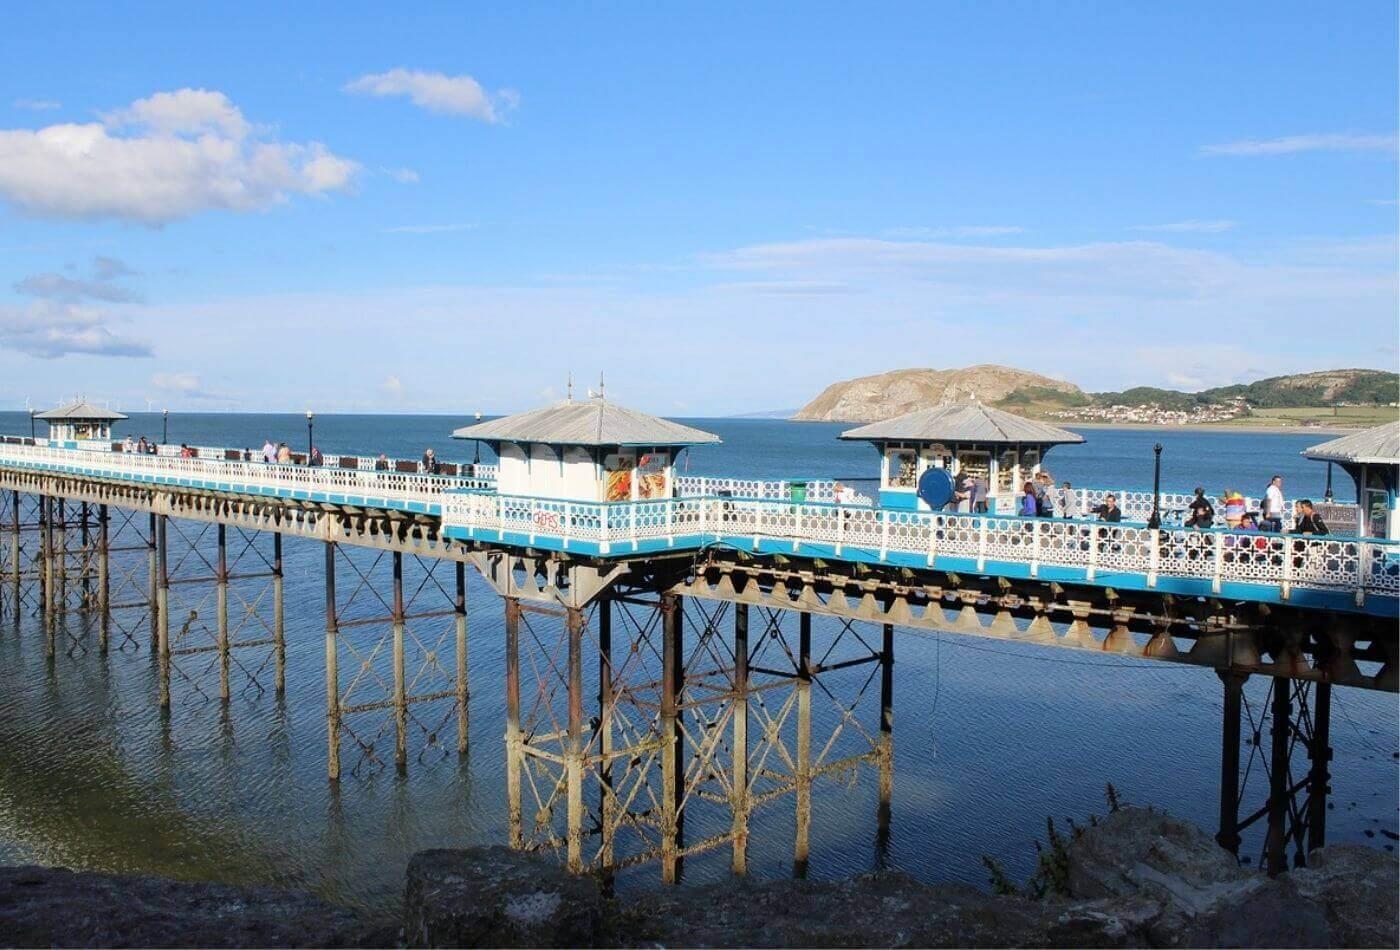 Llandudno Pier, one of the top things to do in llandudno